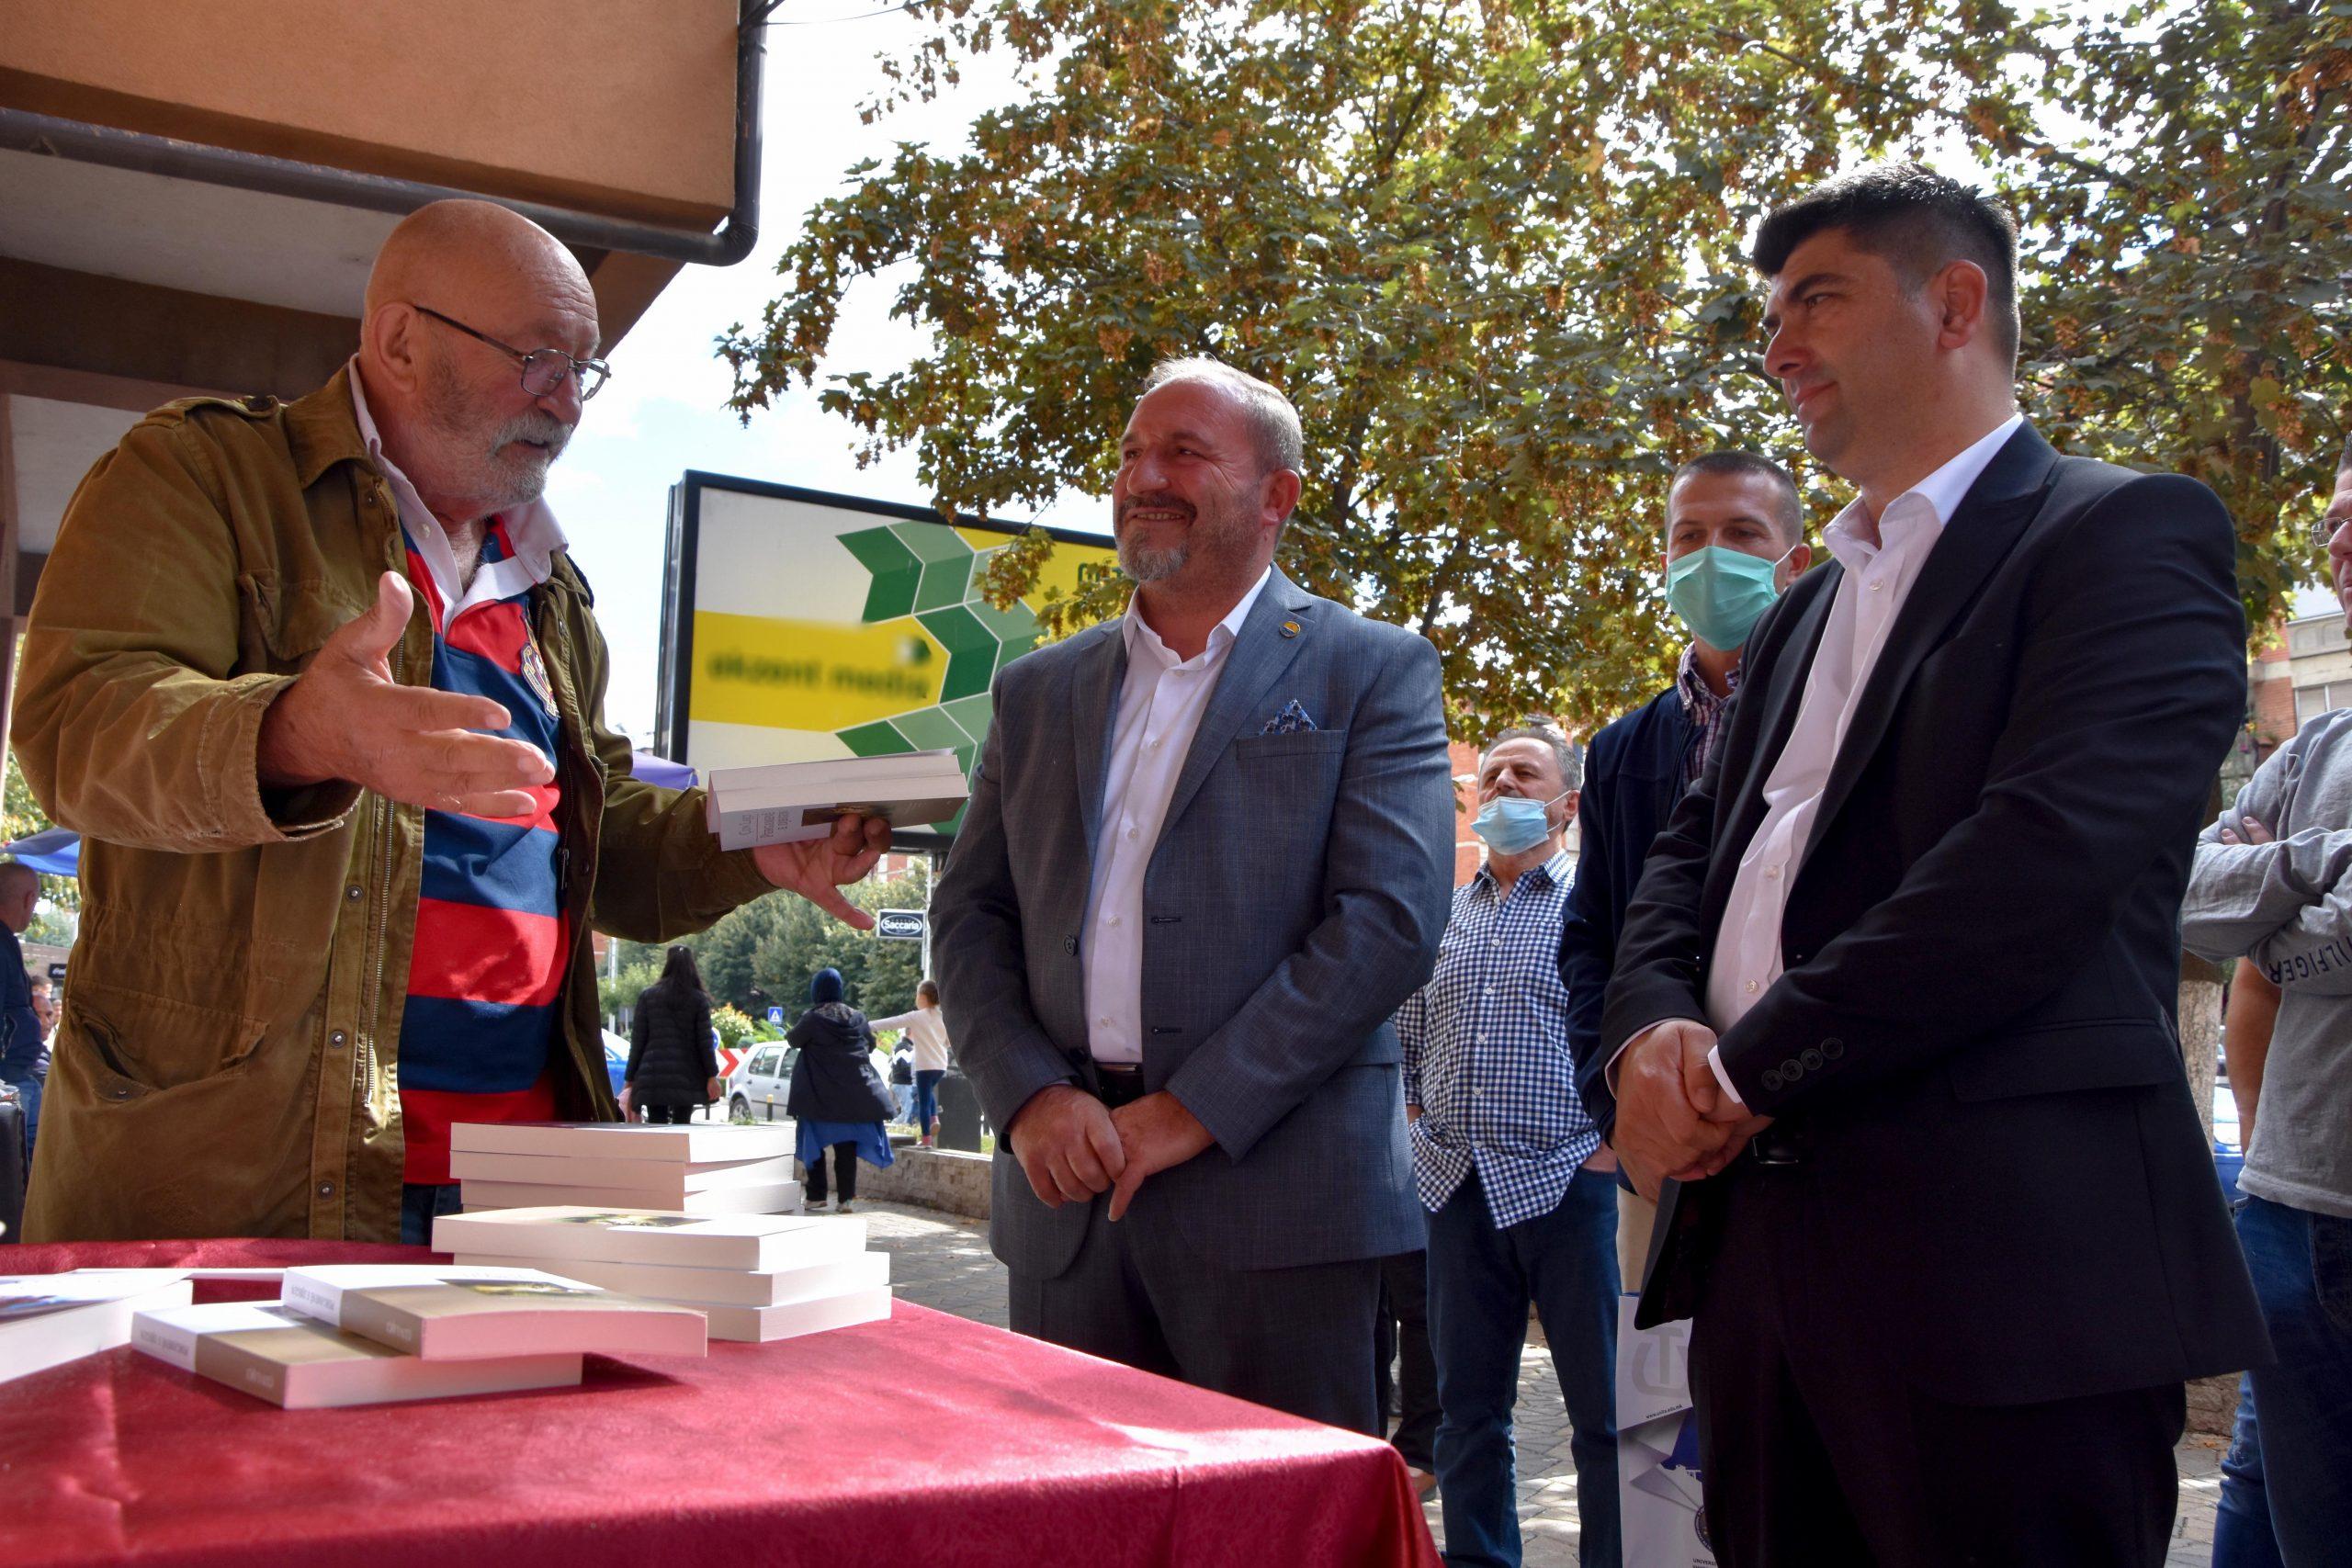 Aktori i mirënjohur shqiptar Çun Lajçi – në Tetovë mirëpritet nga Rektori Prof. Dr. Vullnet Ameti